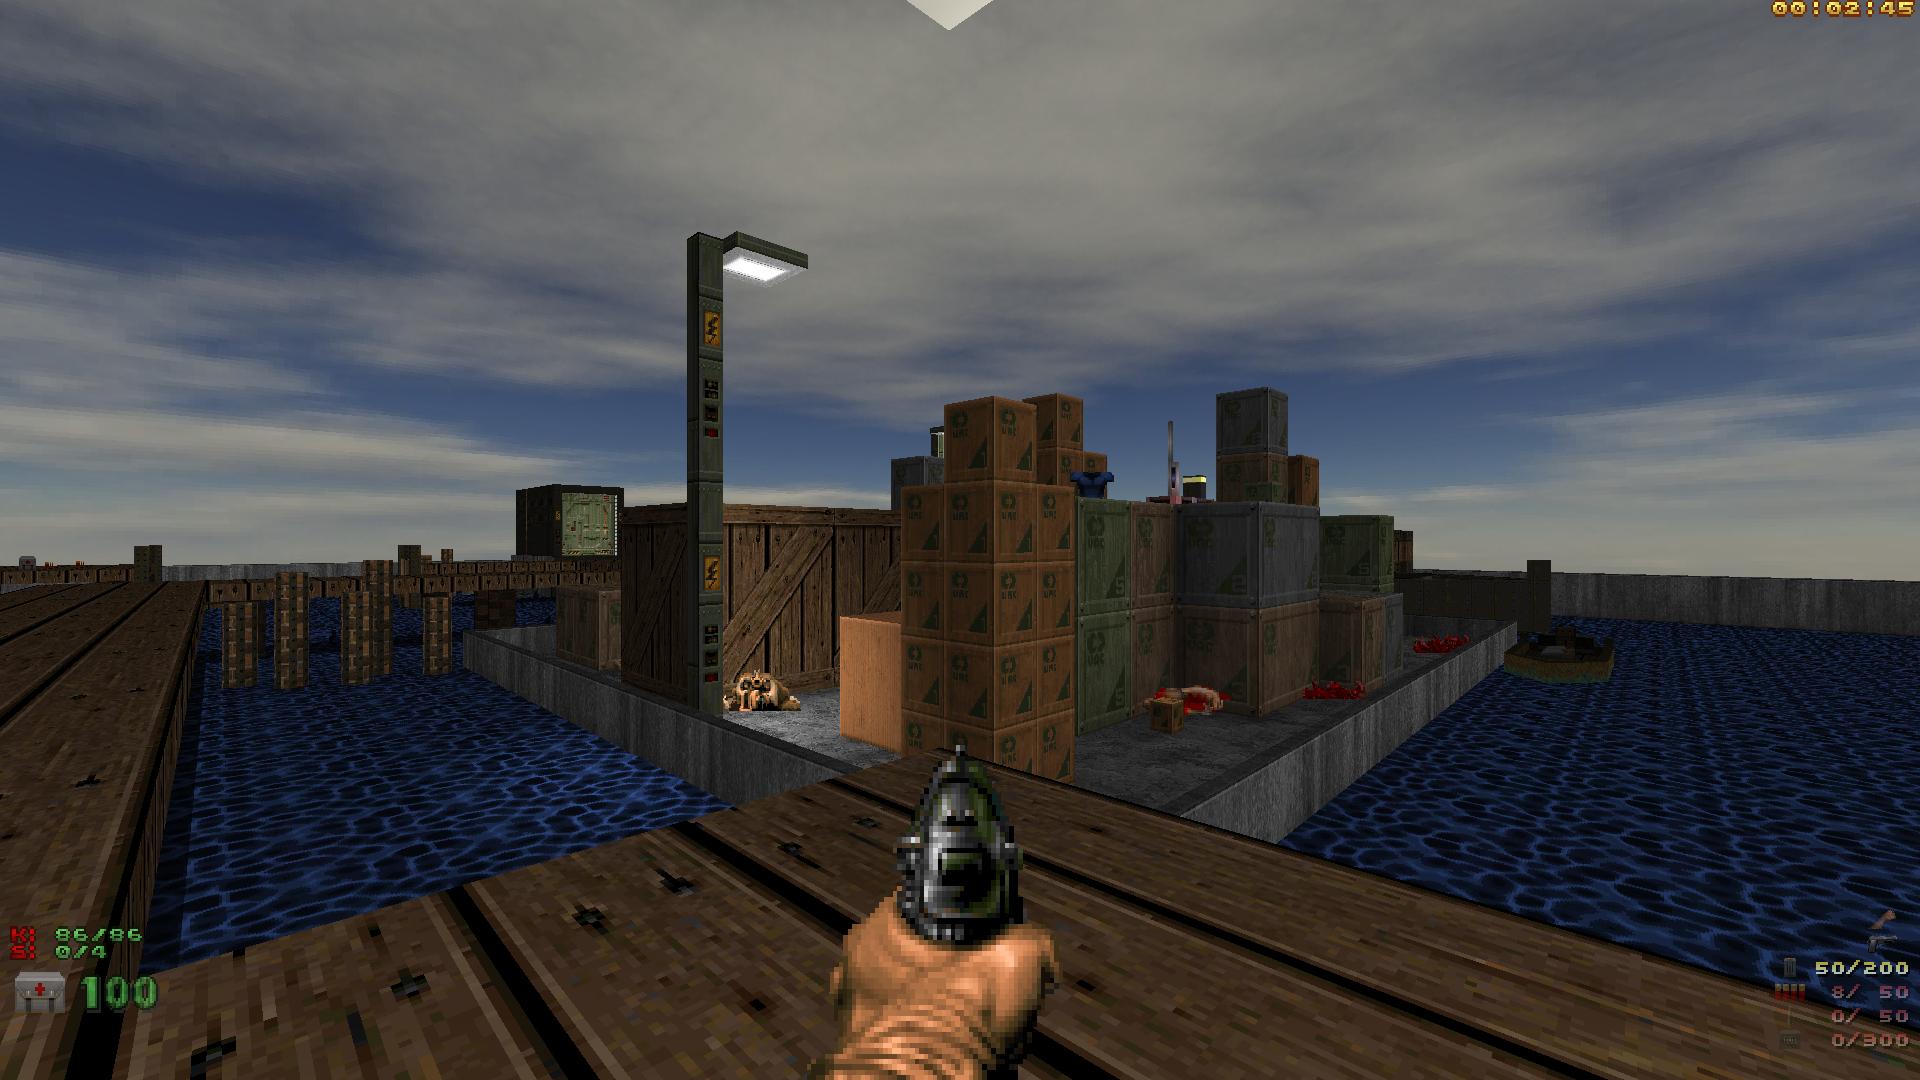 Screenshot_Doom_20210322_090739.png.3964a726167cf0242efdf4faf775fb5e.png